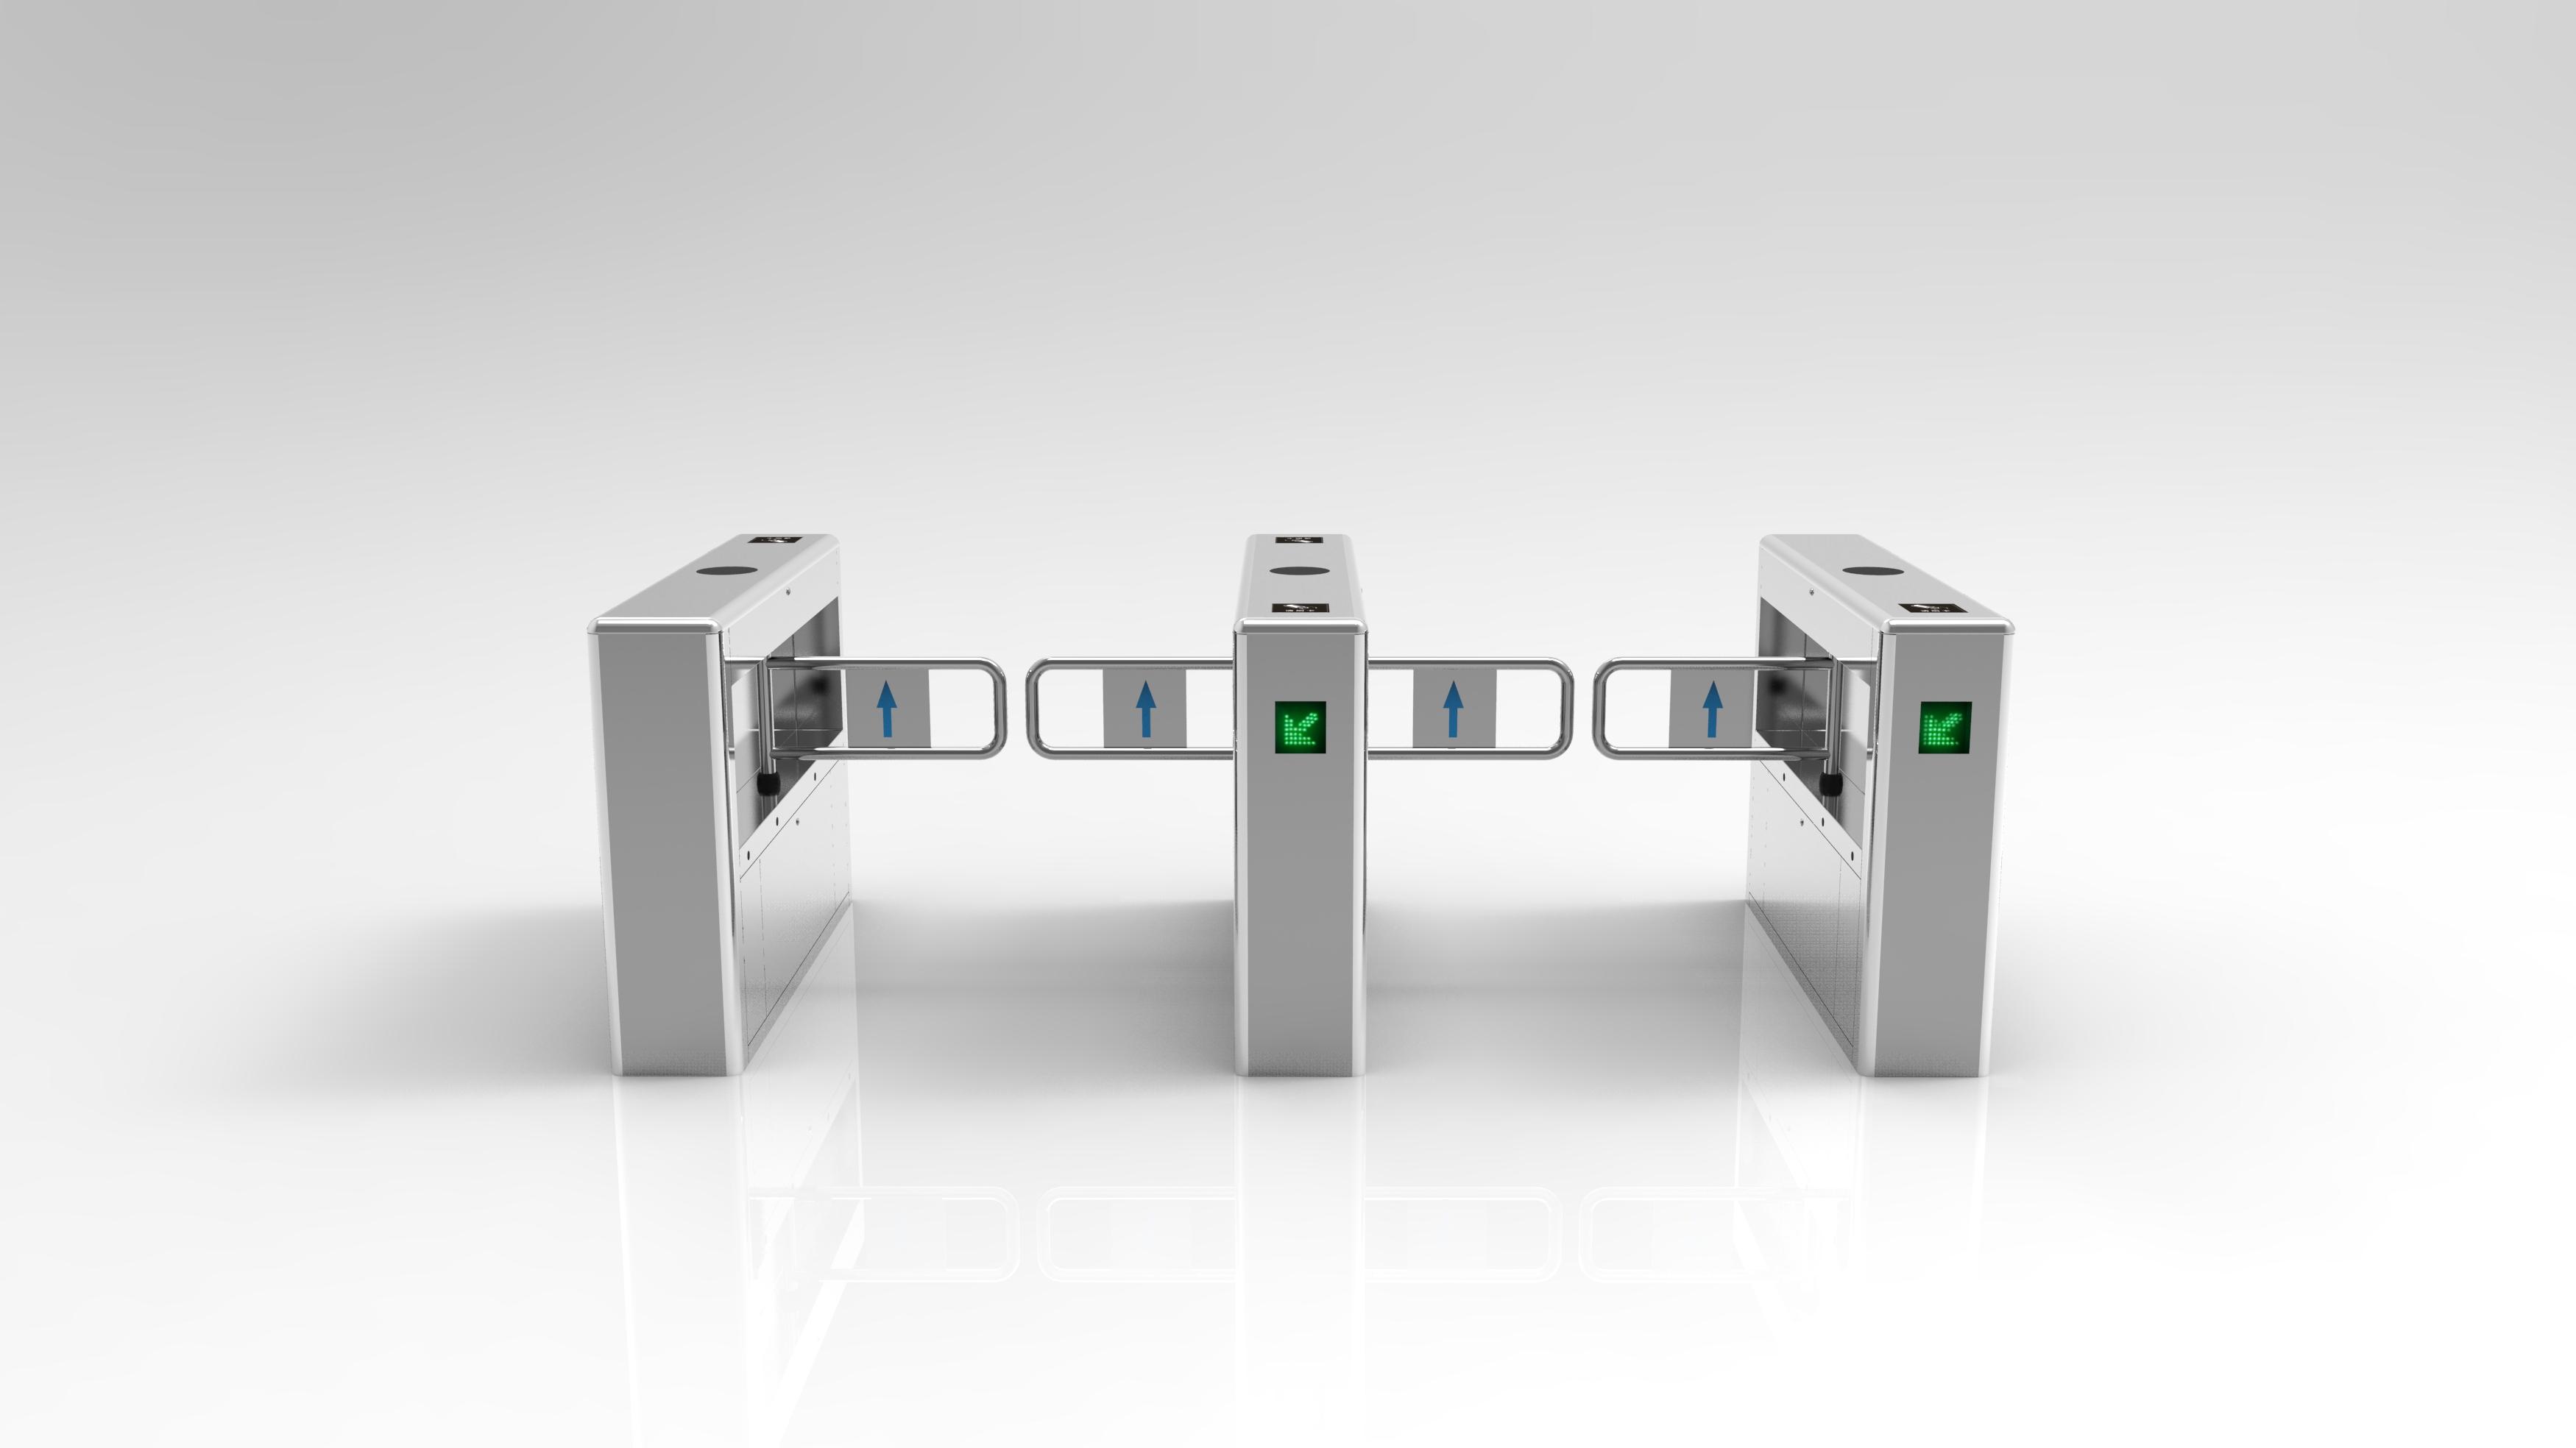 Автоматическая Rfid Speedlane-калитка Swing Gate для контроля доступа по отпечаткам скоростные ворота